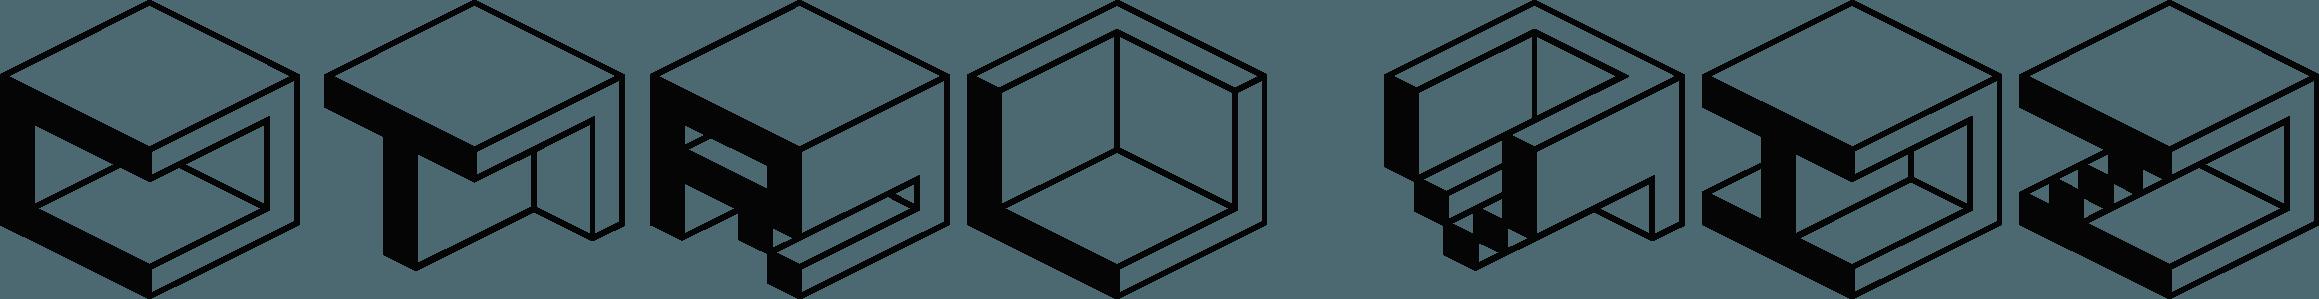 ctrlviz.com_visualisierung_architektur_design_muenchen